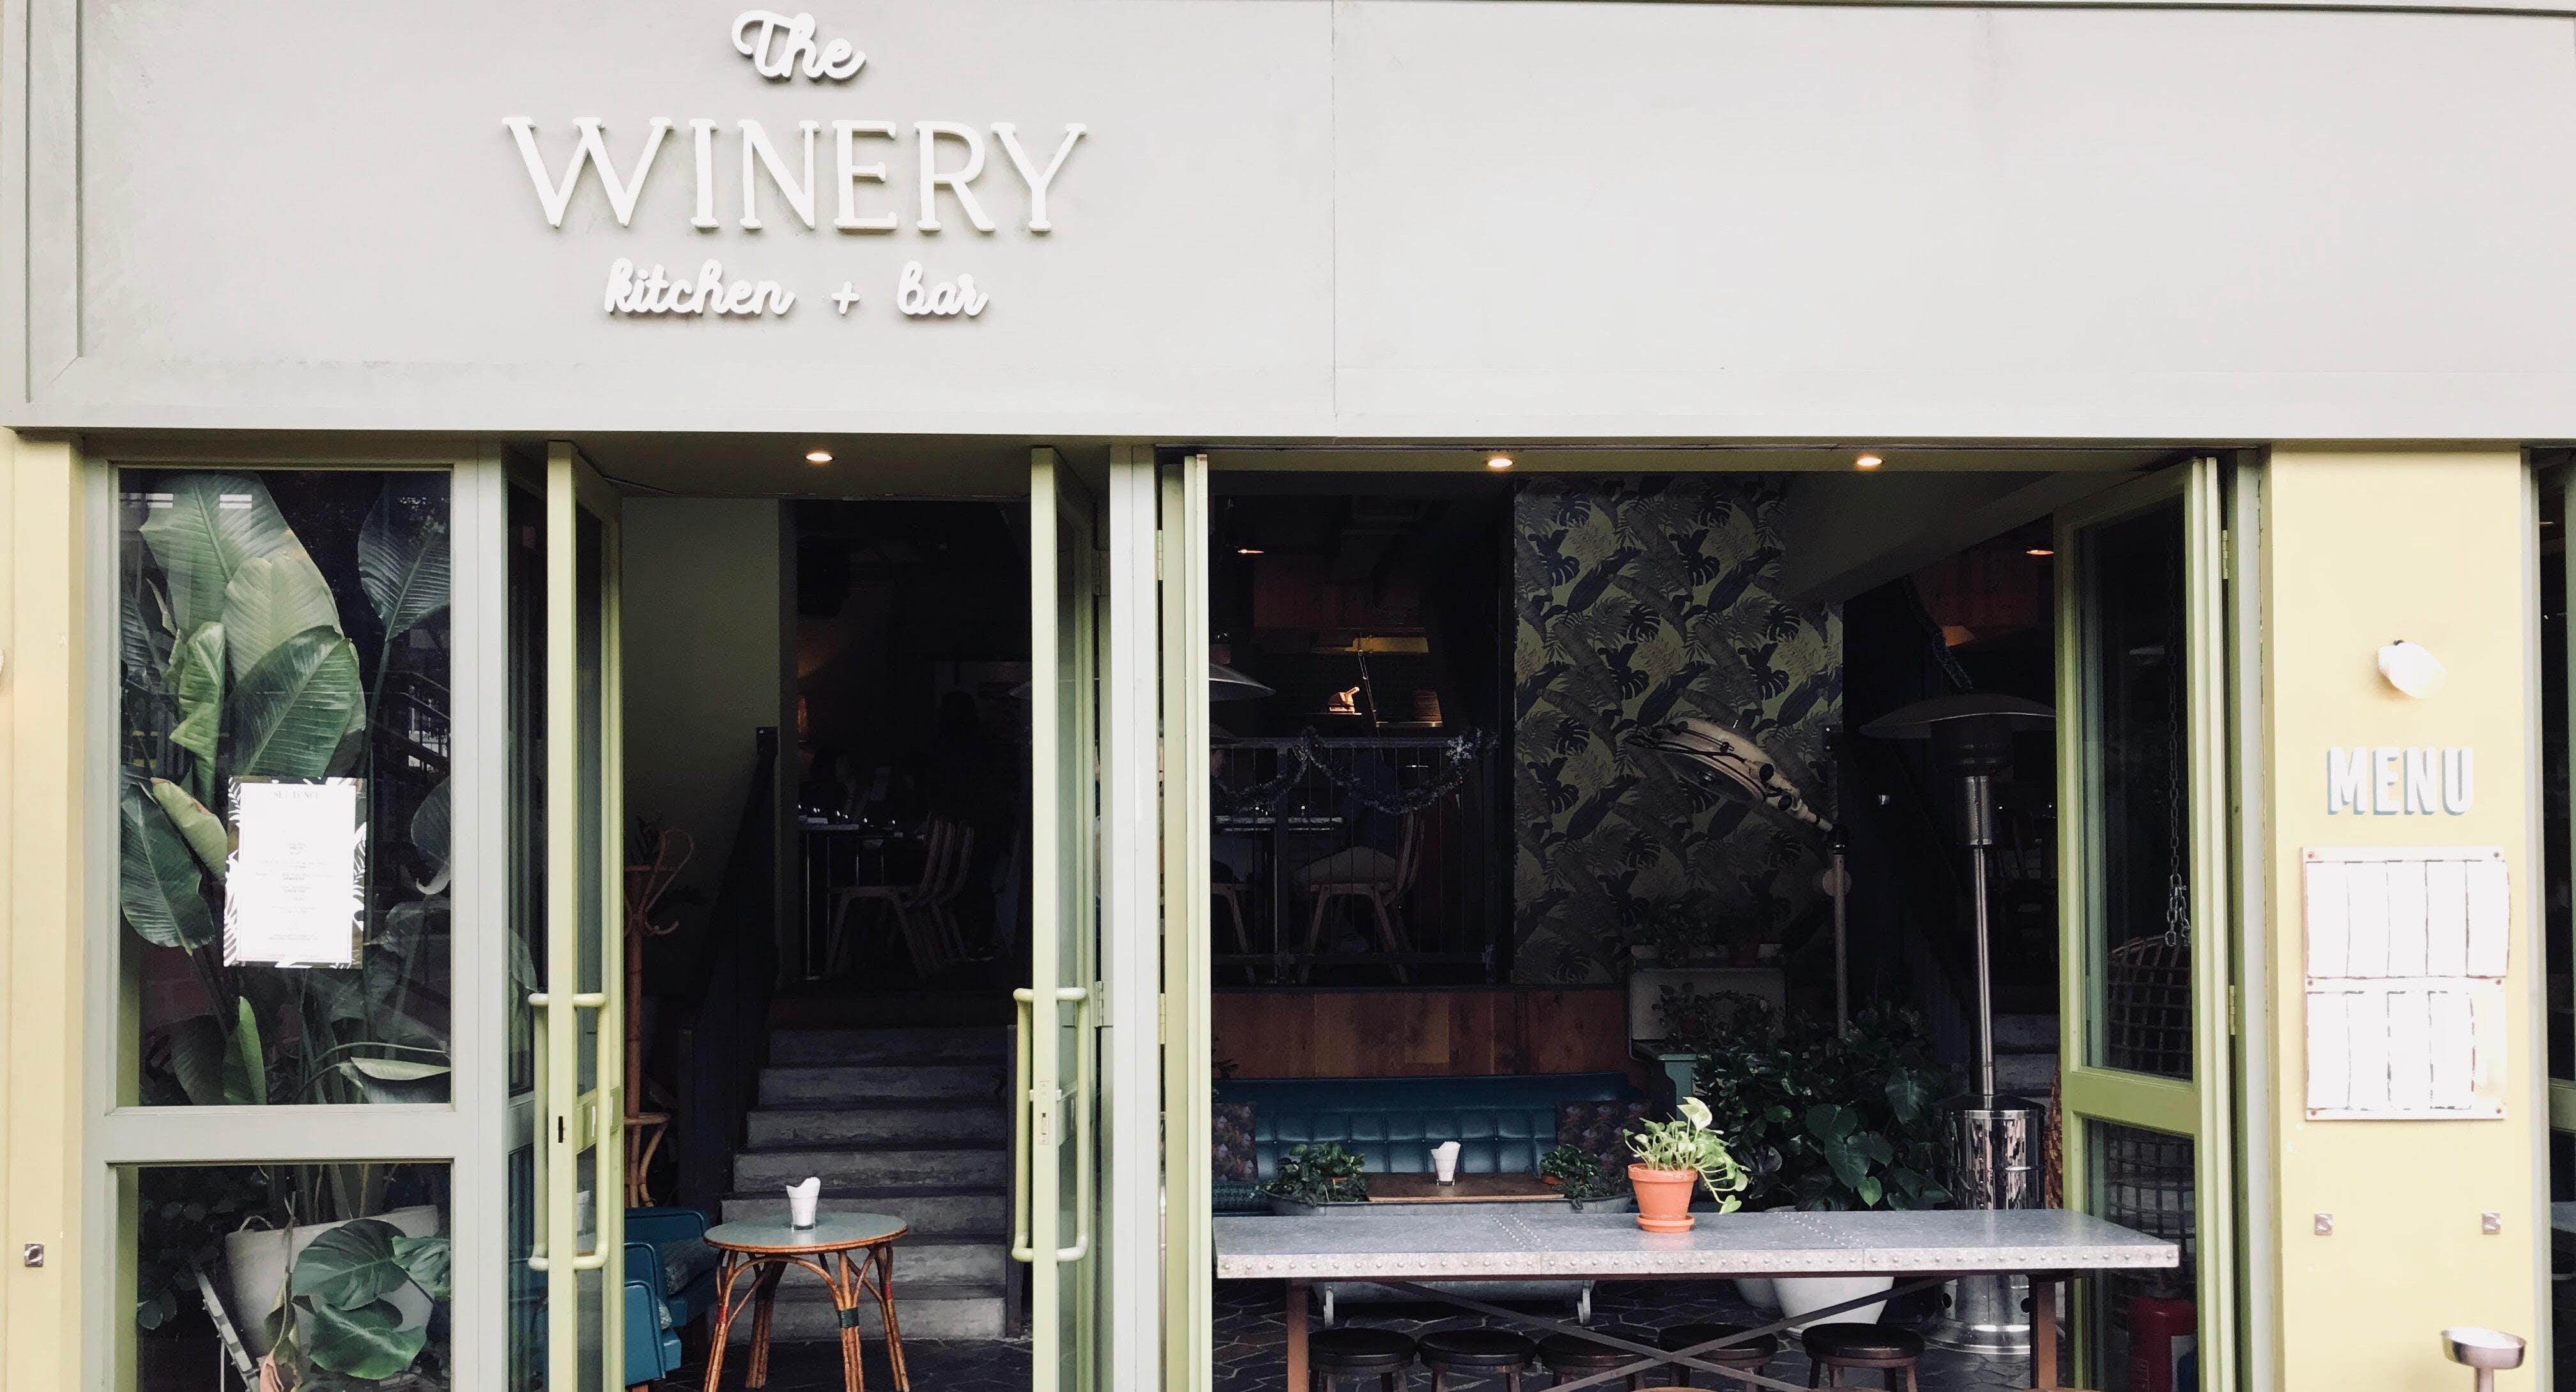 The Winery Kitchen + Bar Hong Kong image 2